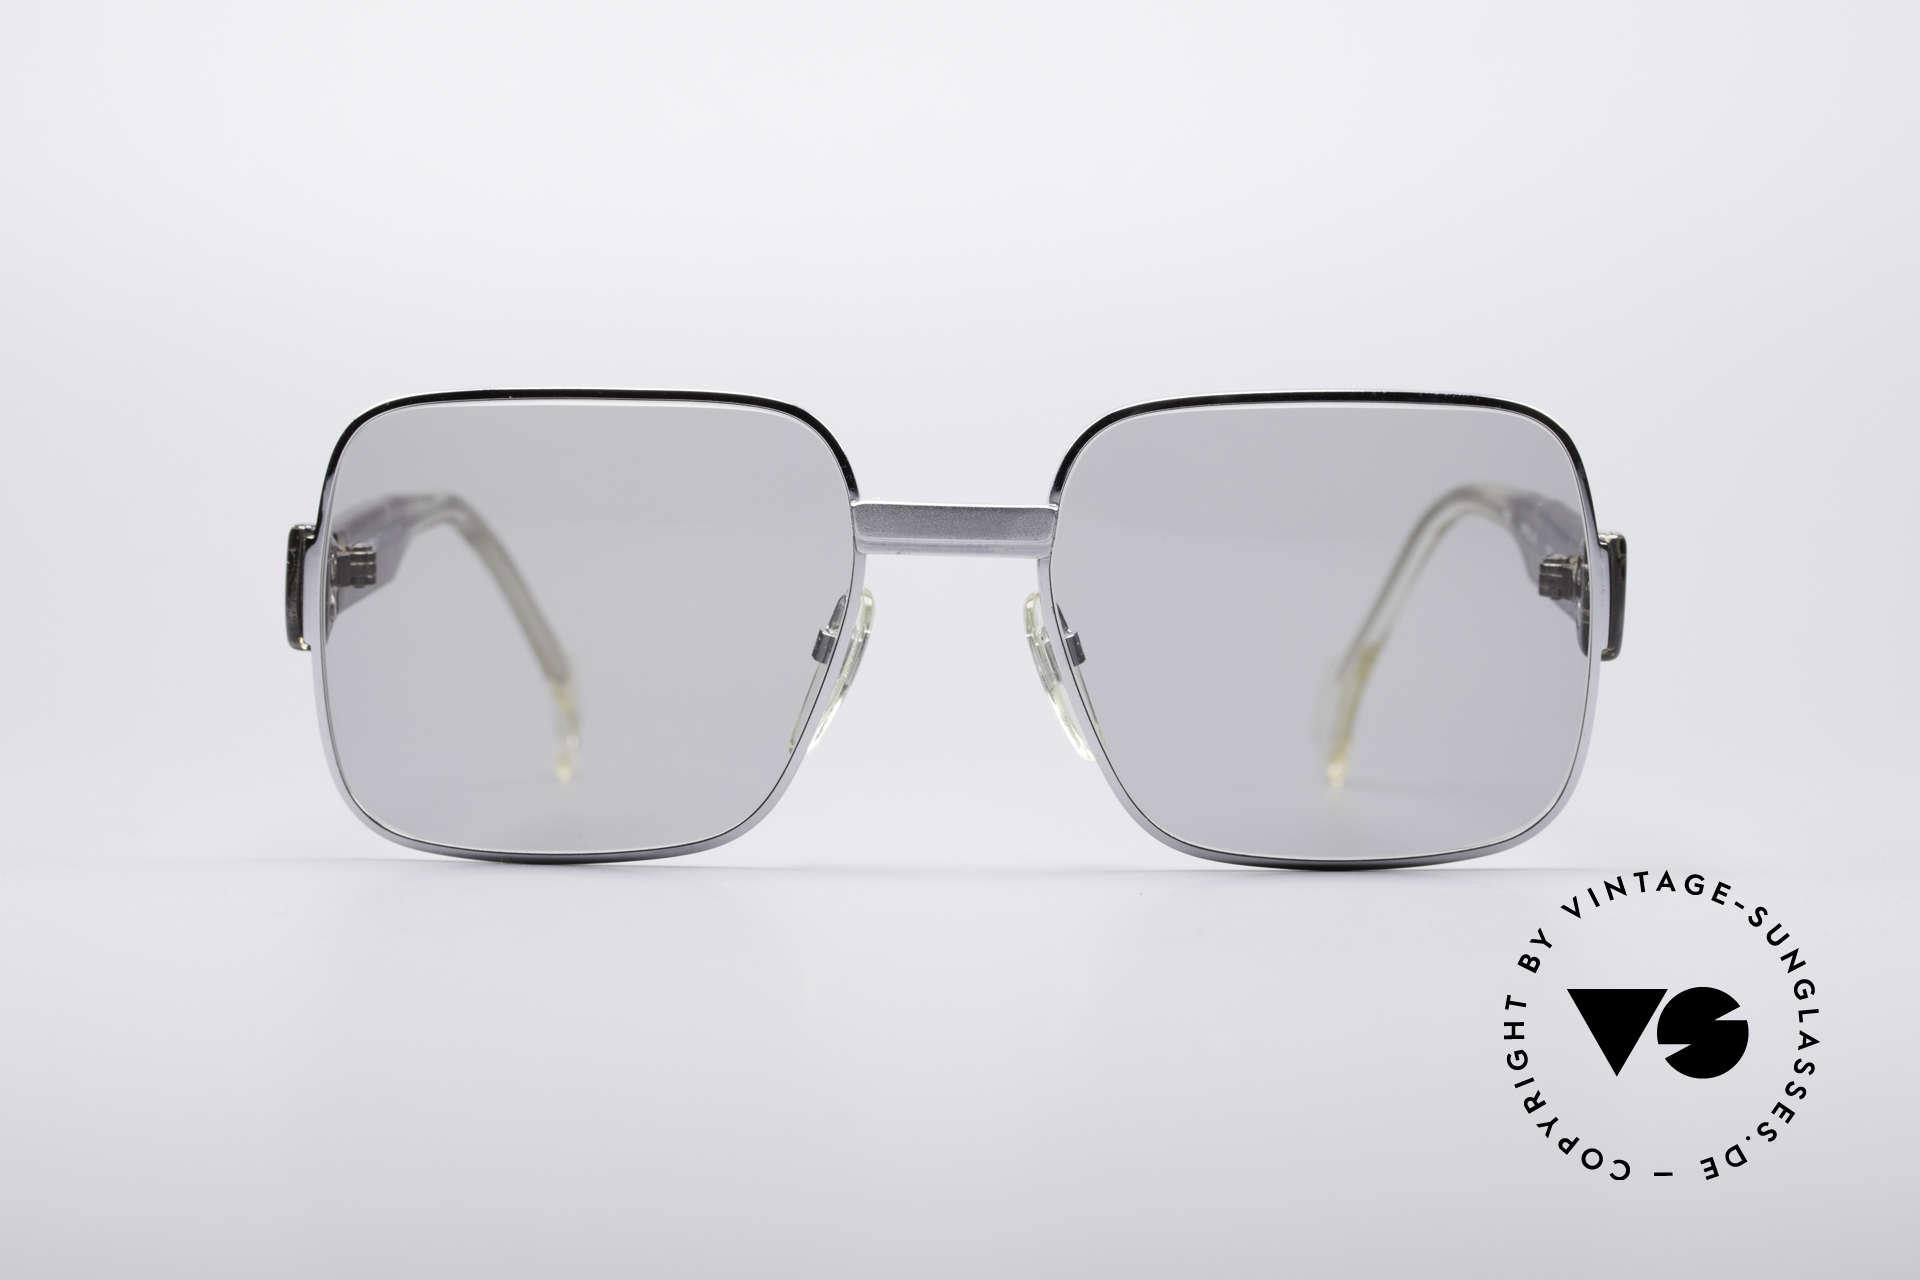 99b3410198fb Sunglasses Neostyle Office 40 Old School Sunglasses | Vintage Sunglasses